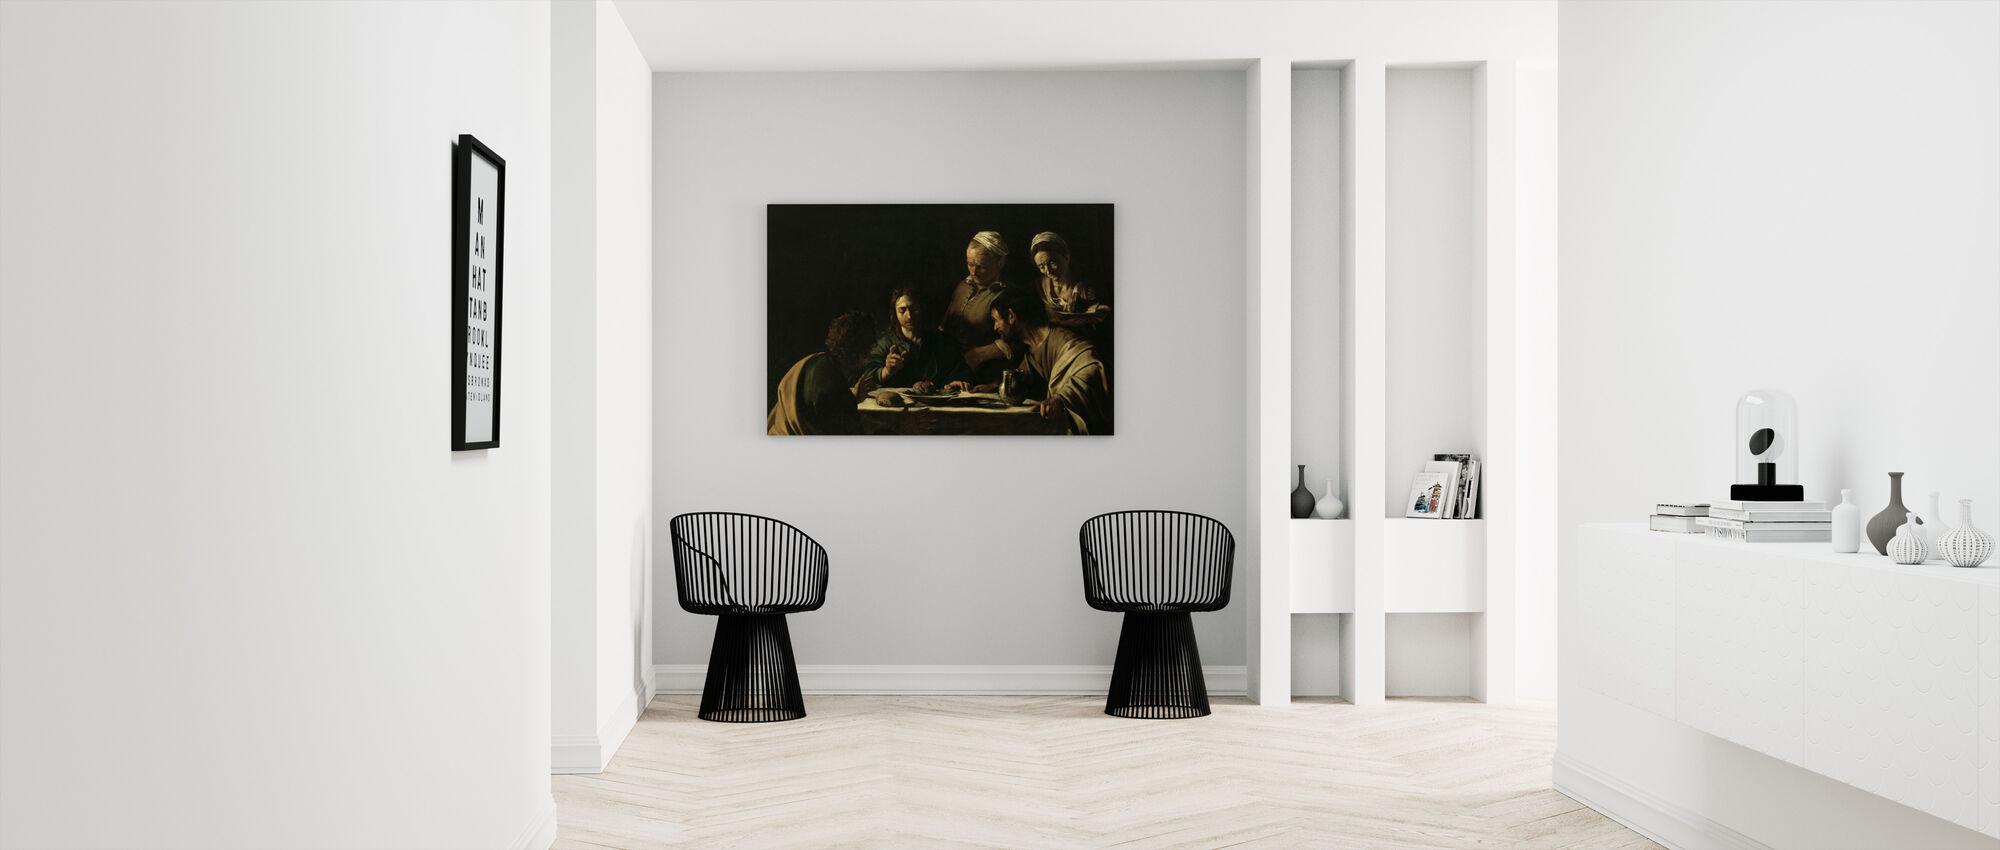 Supper at Emmaus - Michelangelo Caravaggio - Canvas print - Hallway